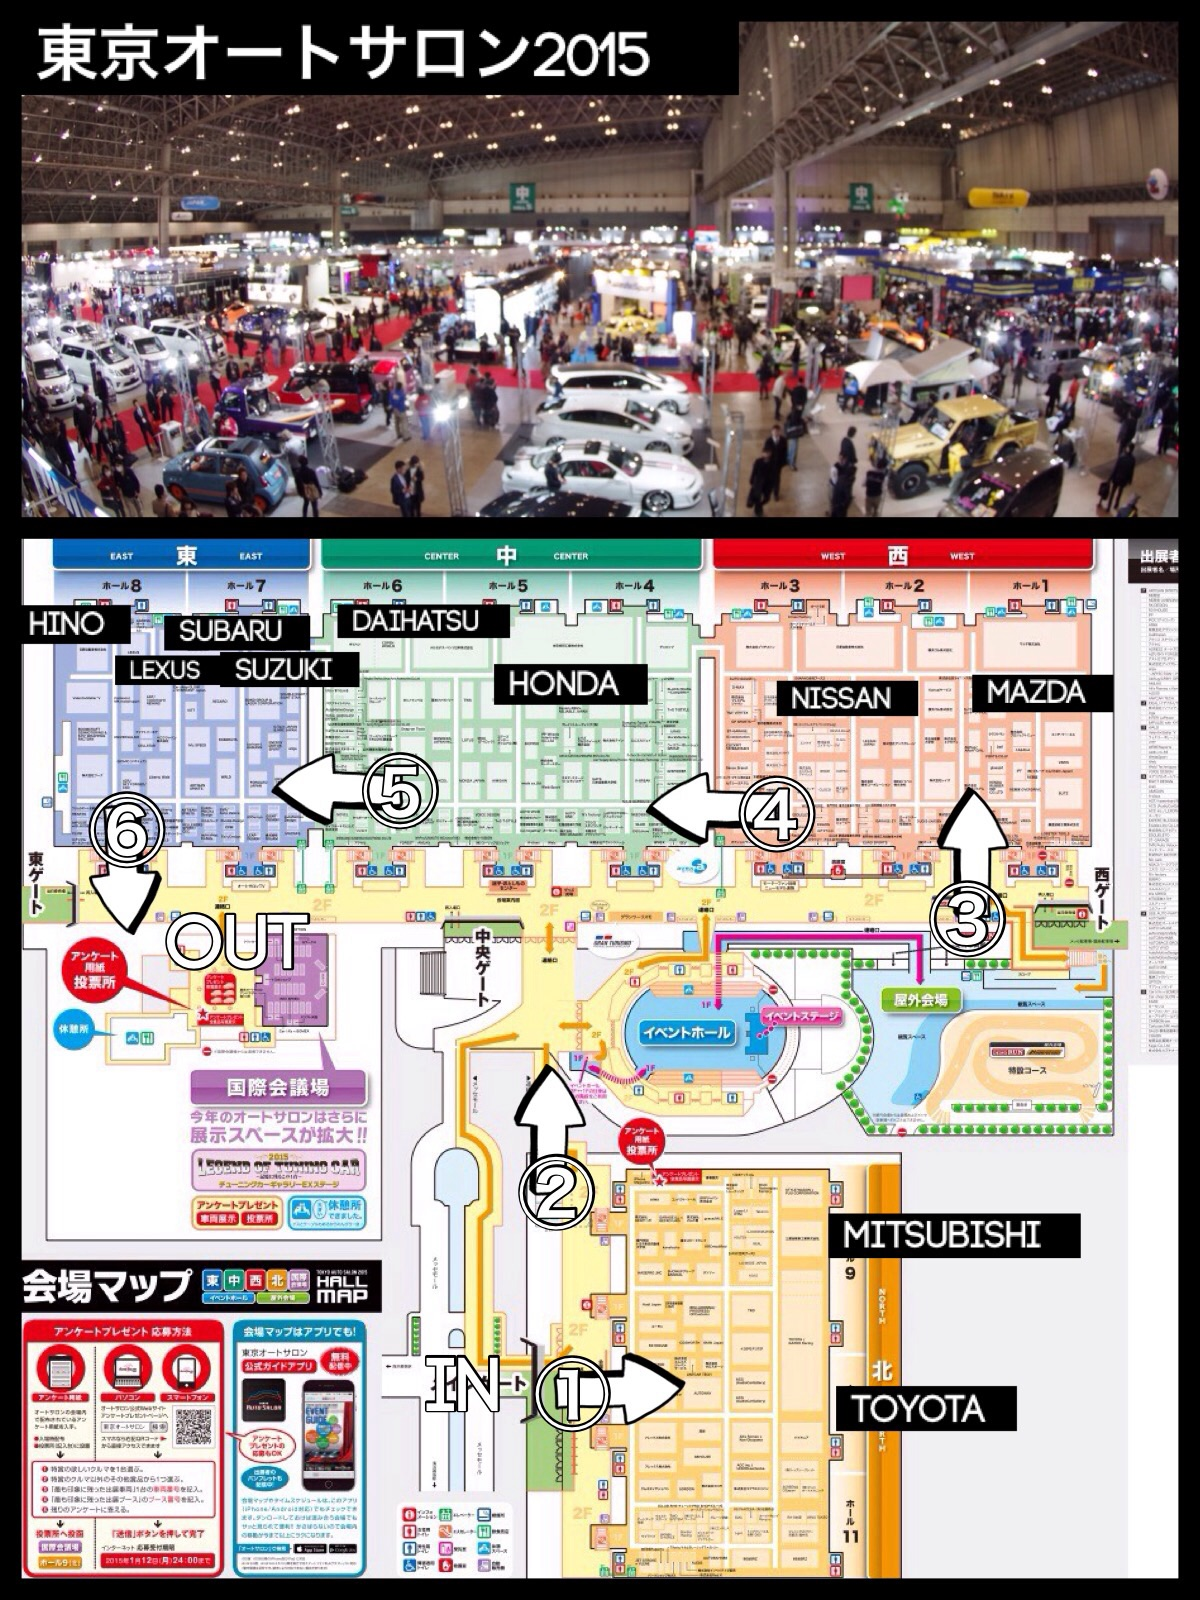 東京オートサロン2015 会場図 MAP